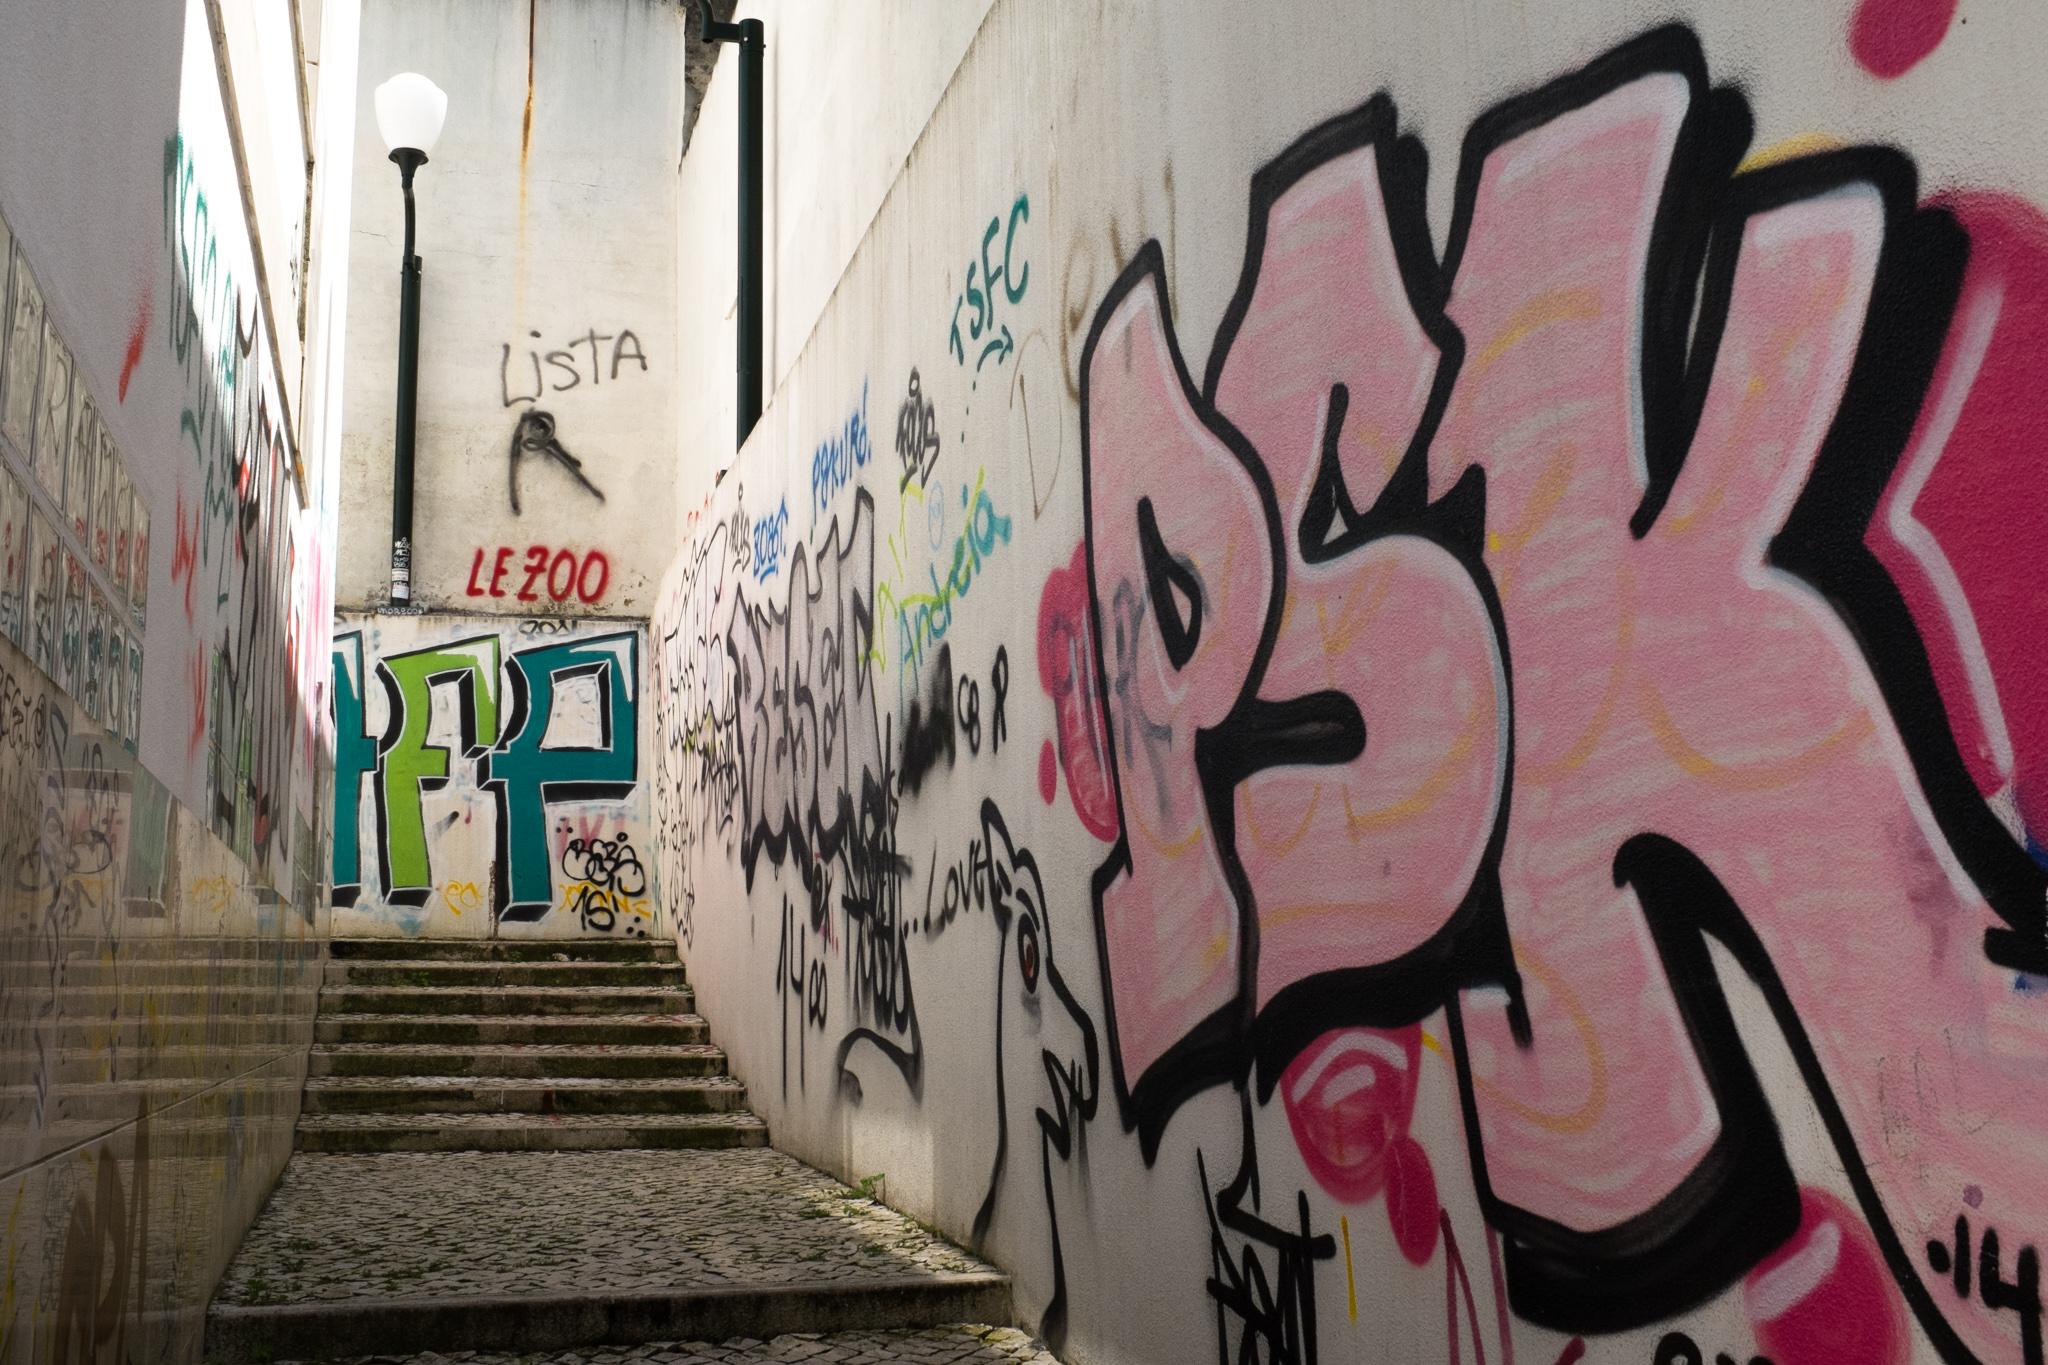 4107-portuguese-architecture-lisbon-porto.jpg